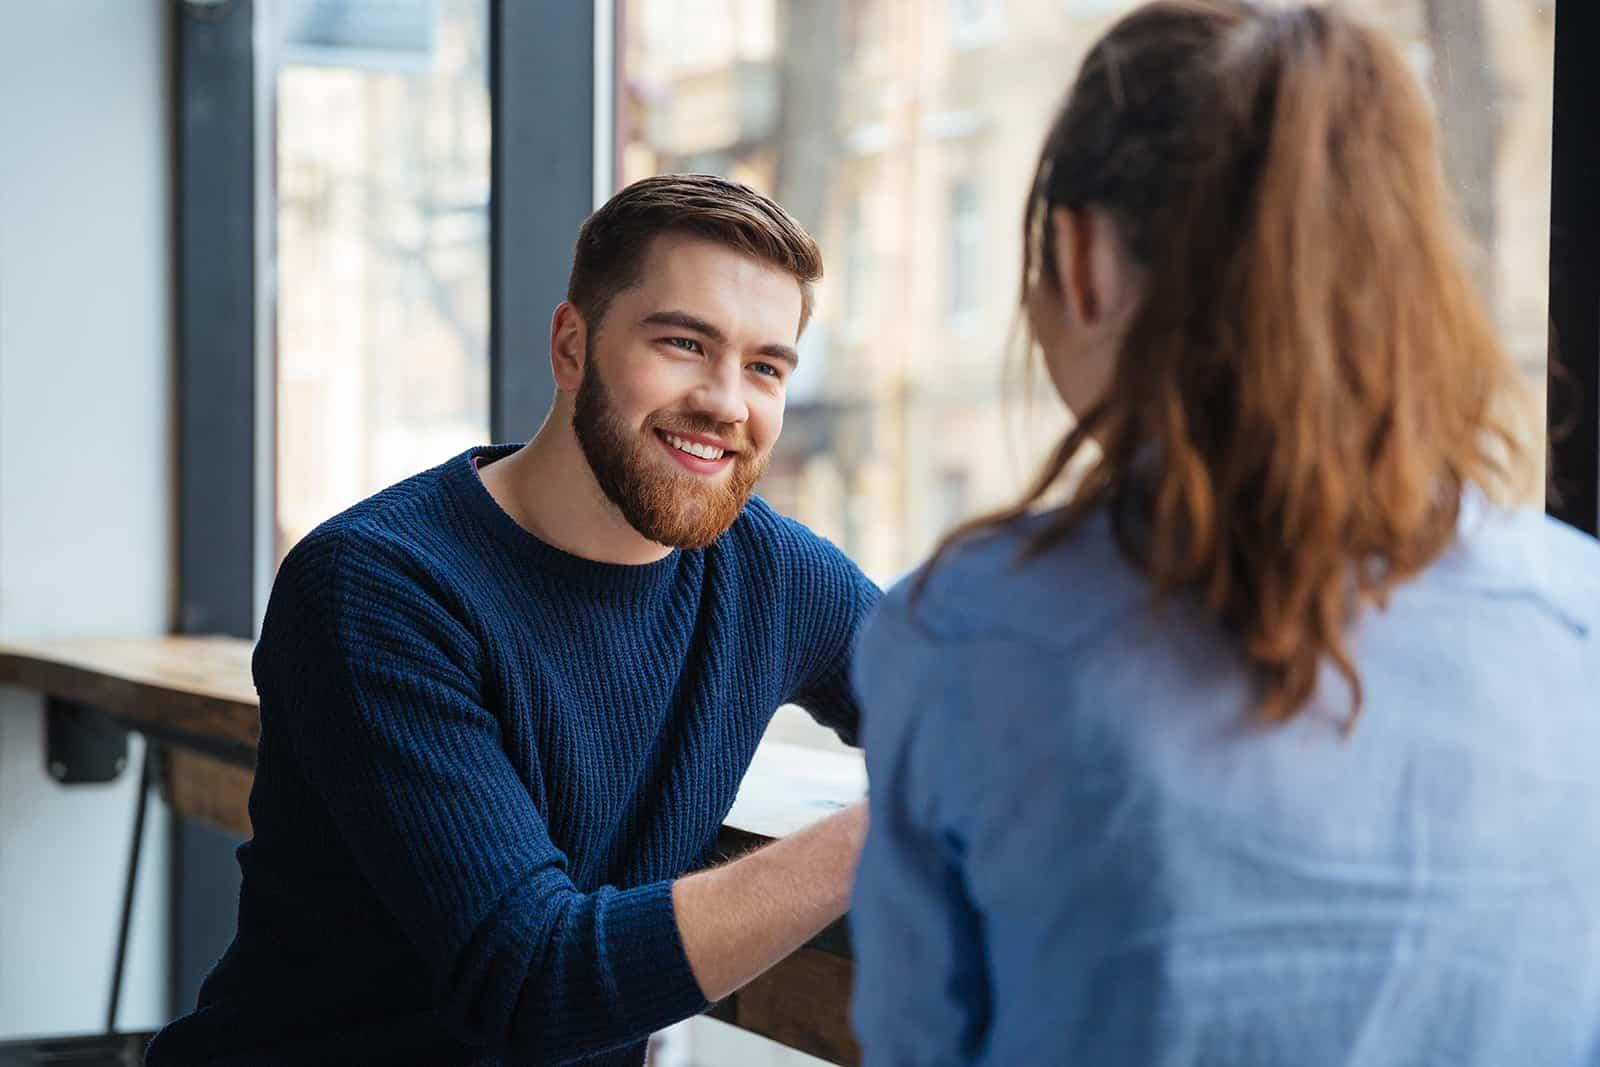 Un homme souriant écoute attentivement une femme assise avec lui dans un café près de la fenêtre